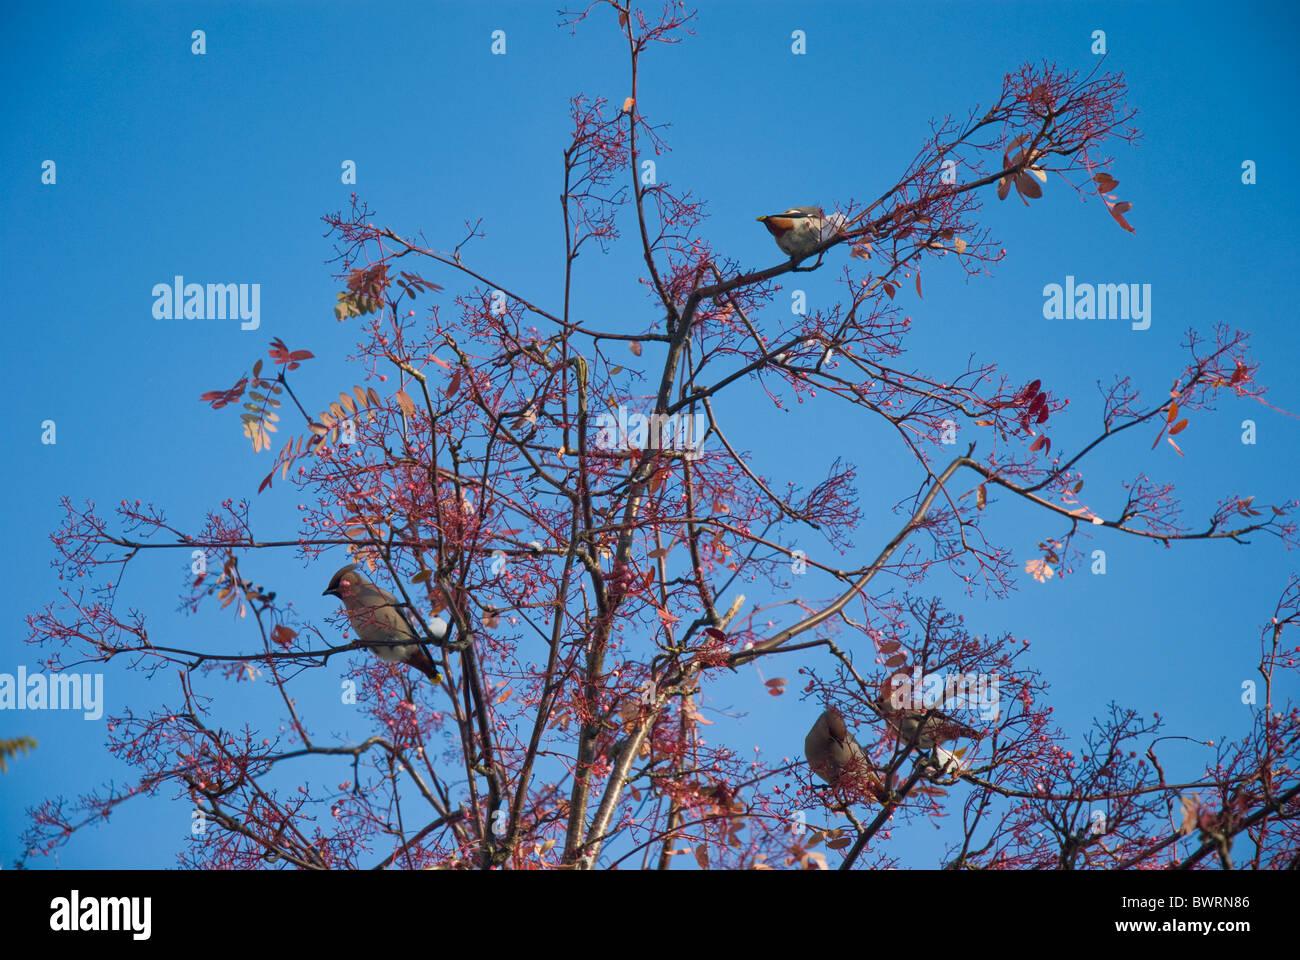 Waxwings comer bayas en un árbol en Cumbria Imagen De Stock